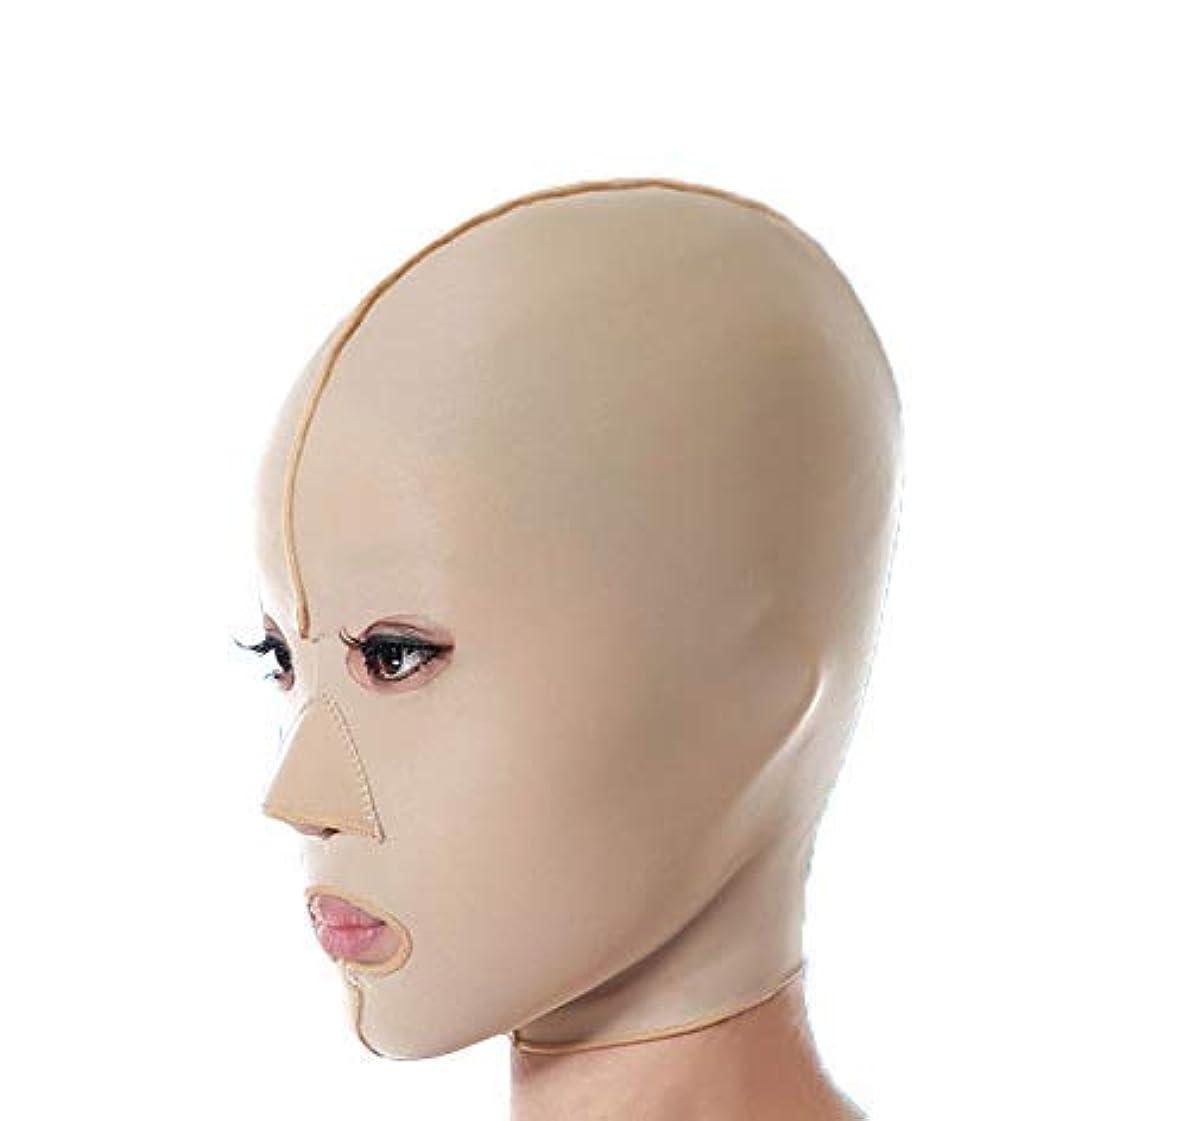 デンマーク語鍔サスティーンファーミングフェイスマスク、フェイシャルマスク医学強力なフェイスマスクアーティファクト美容垂れ防止法パターンフェイシャルリフティングファーミングフルフェイスマスク(サイズ:M),S